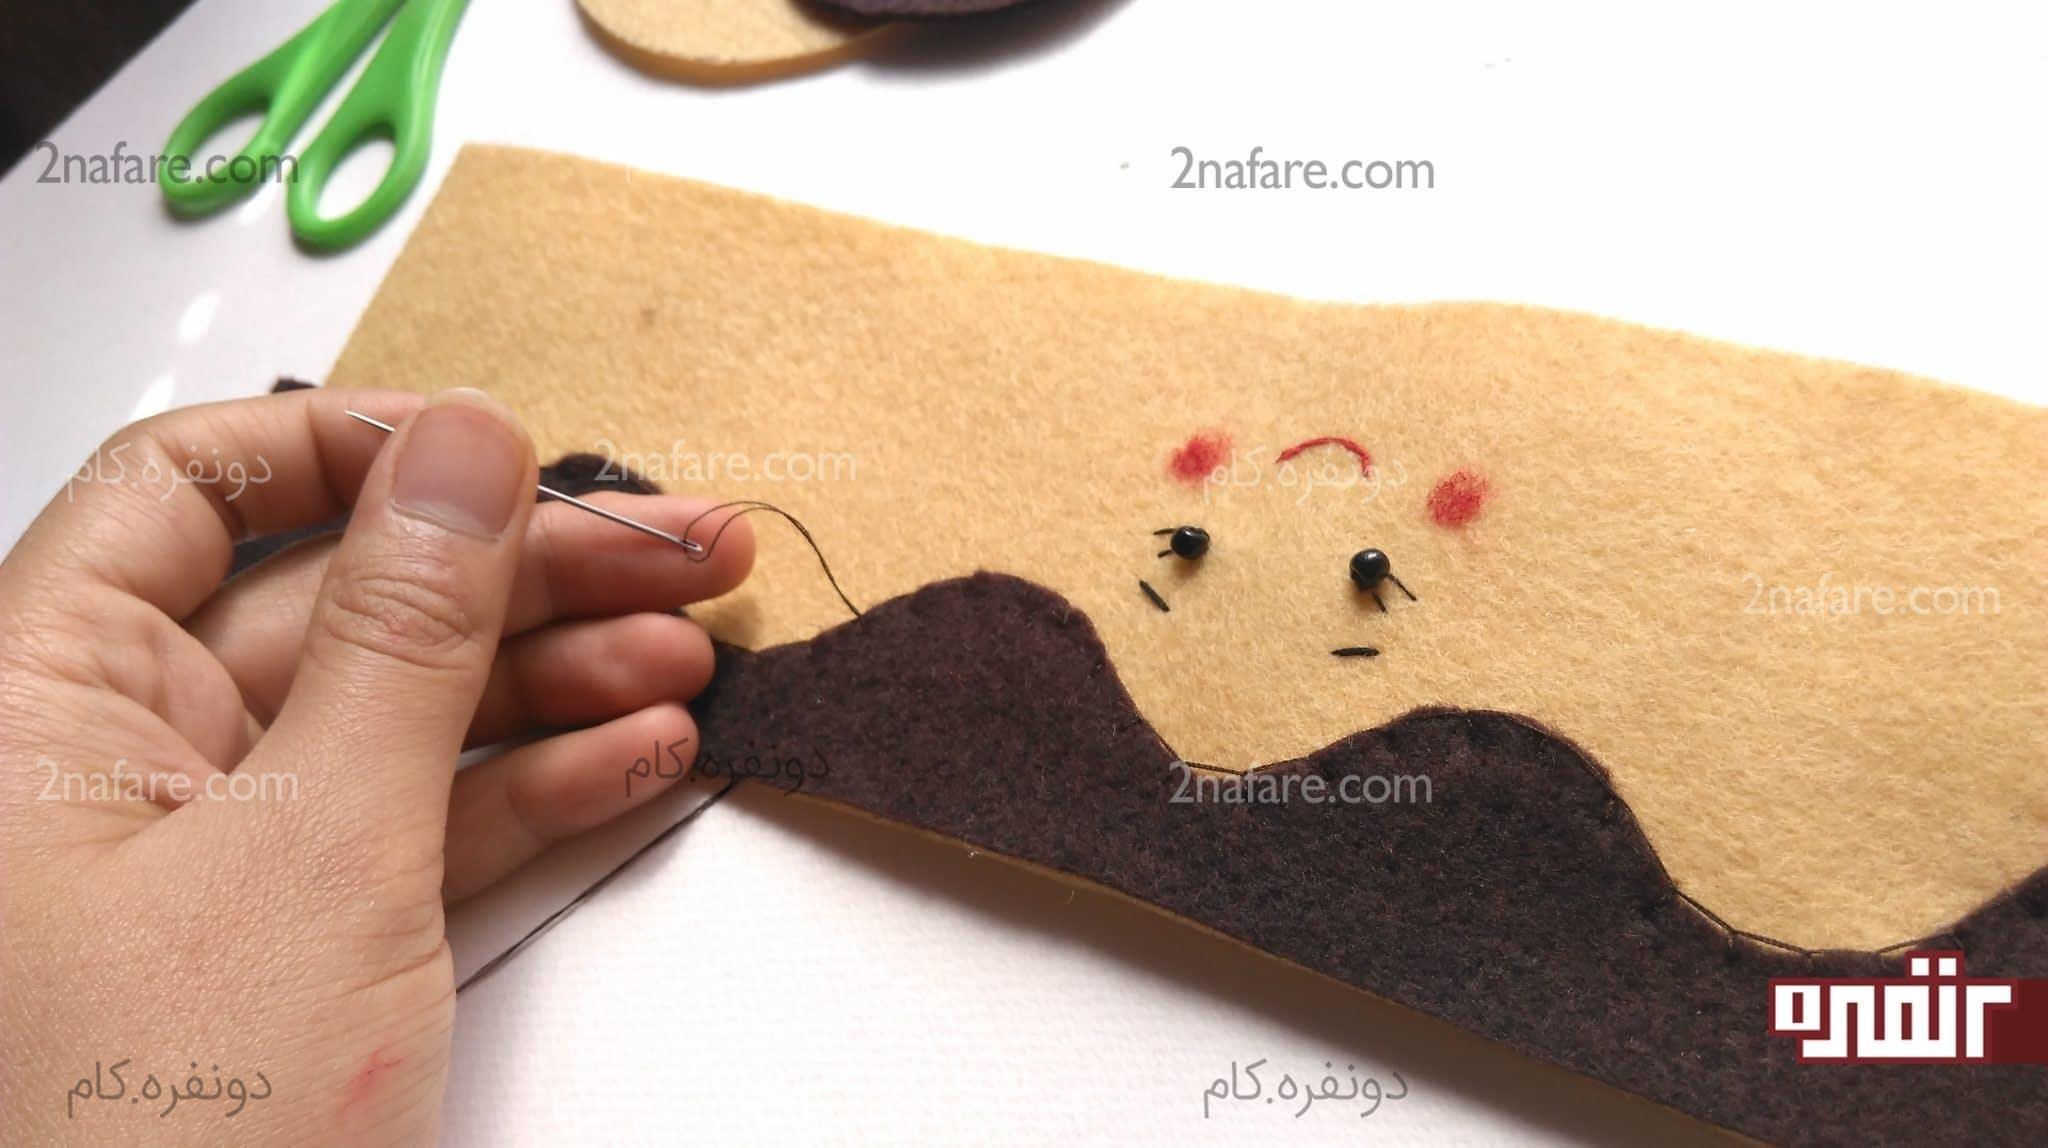 الگو جا مدادی نمدی آموزش ساخت جا سوزنی نمدی طرح عروسک مرحله به مرحله • دونفره